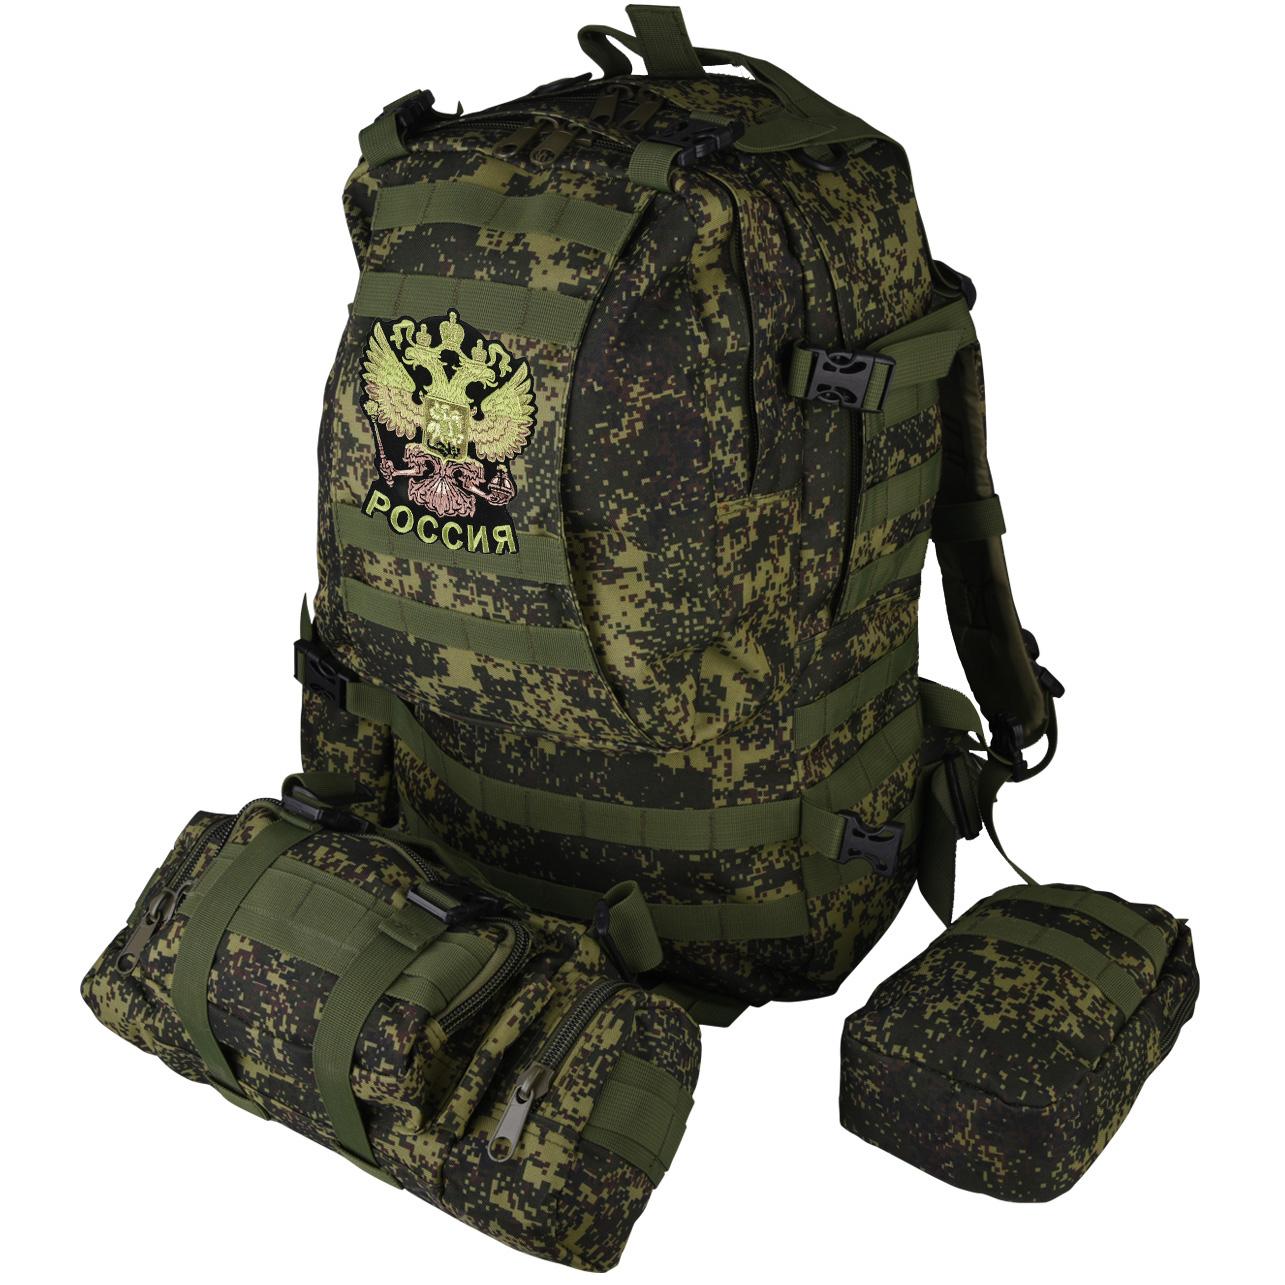 Рейдовый стильный рюкзак с нашивкой Герб России - купить онлайн